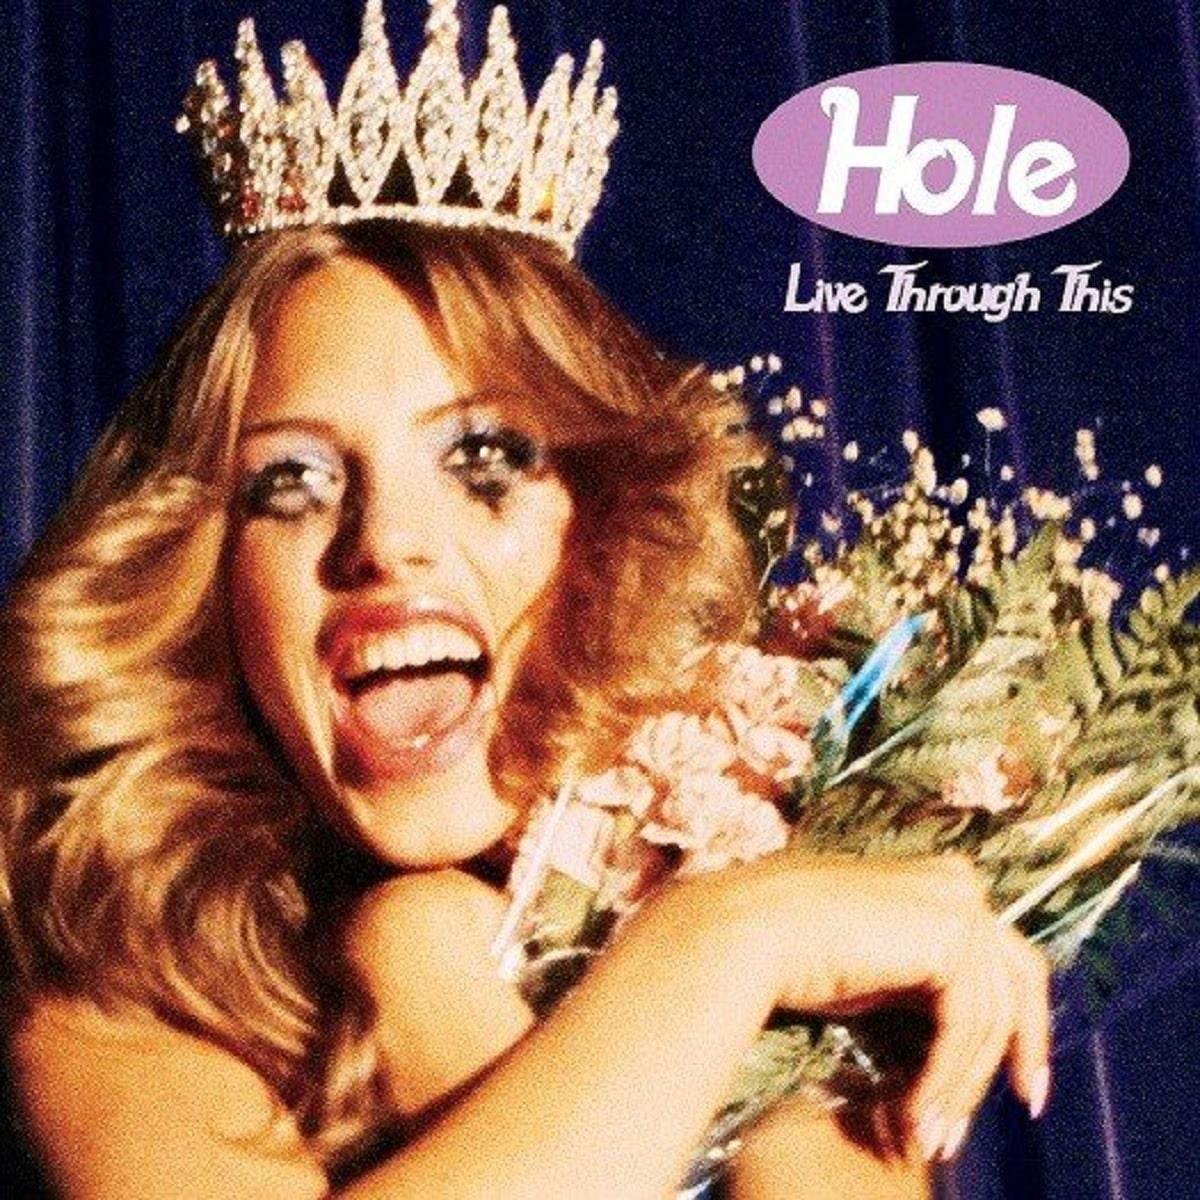 La portada de Live Through This de Hole